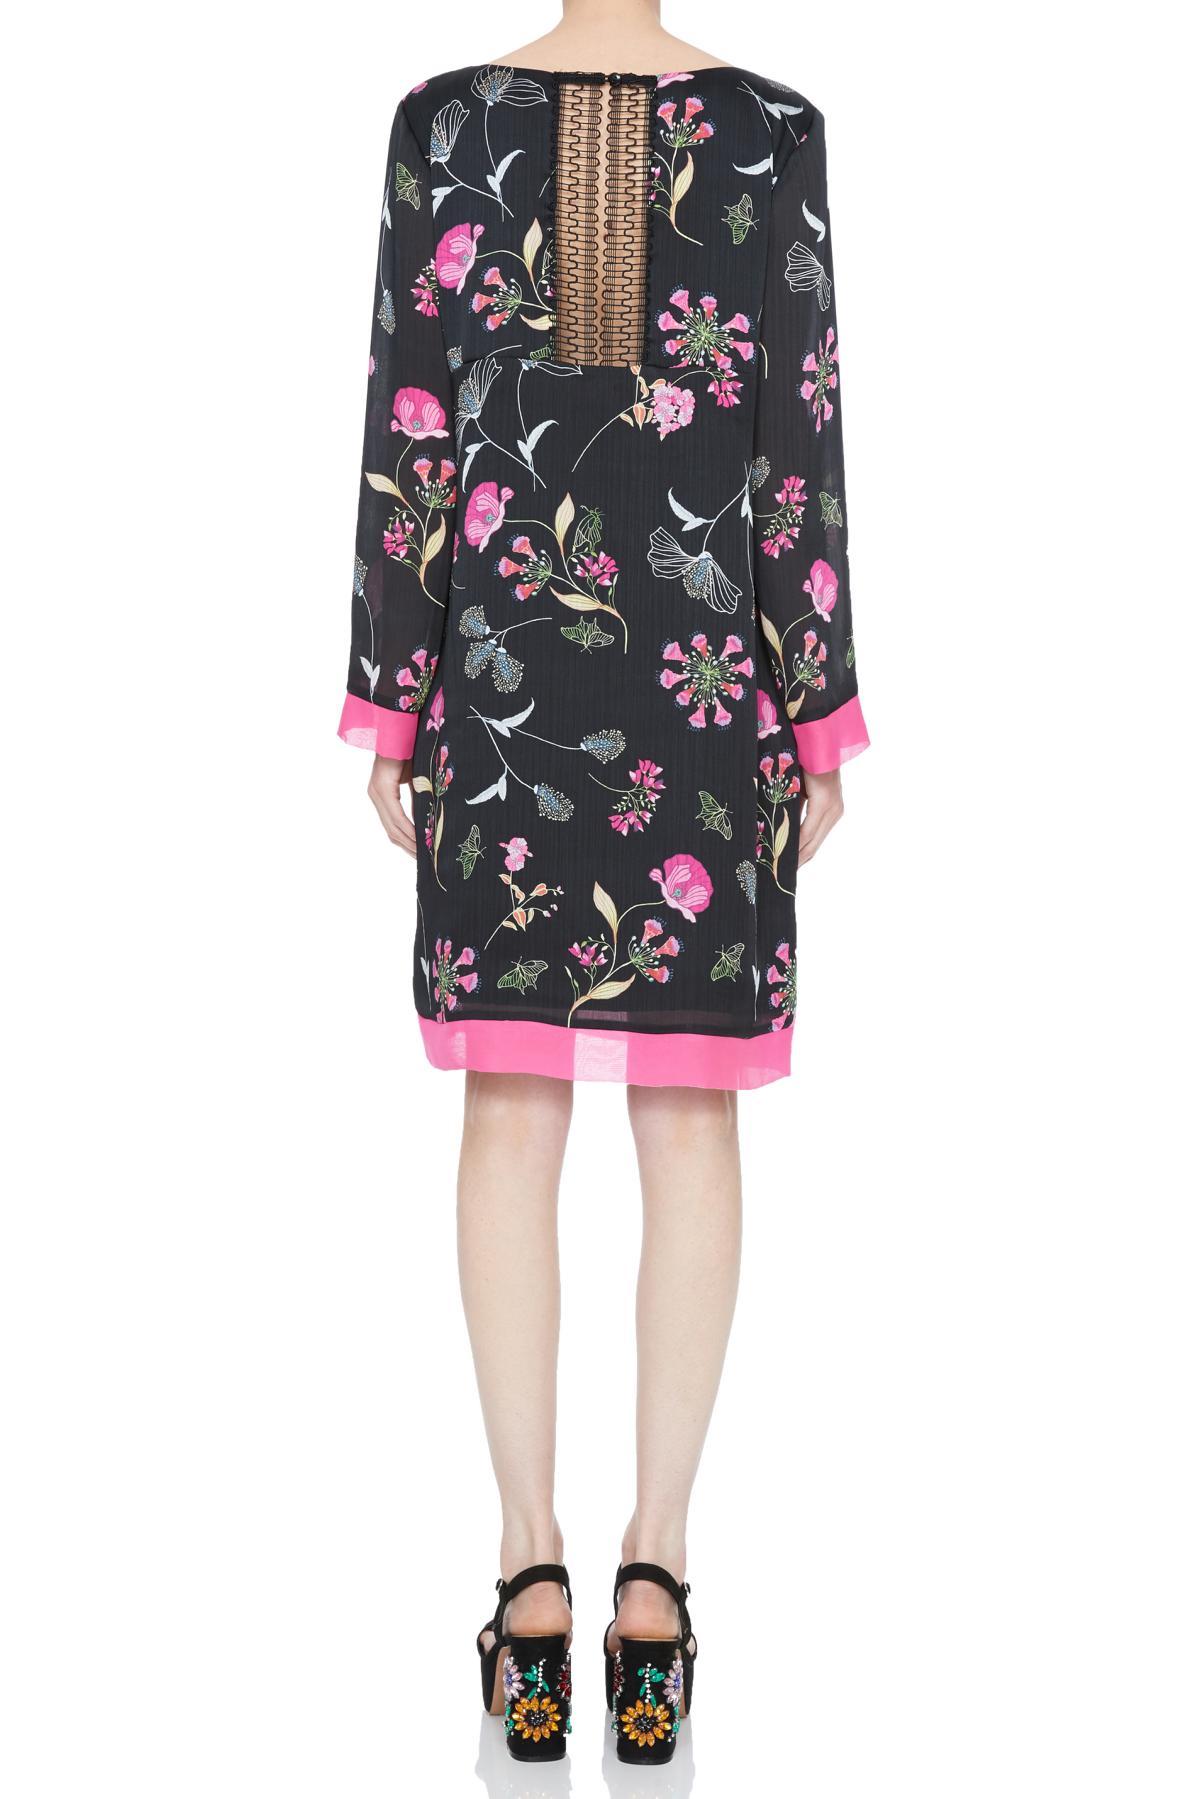 Rückansicht von Ana Alcazar Tunika Kleid Nissa  angezogen an Model